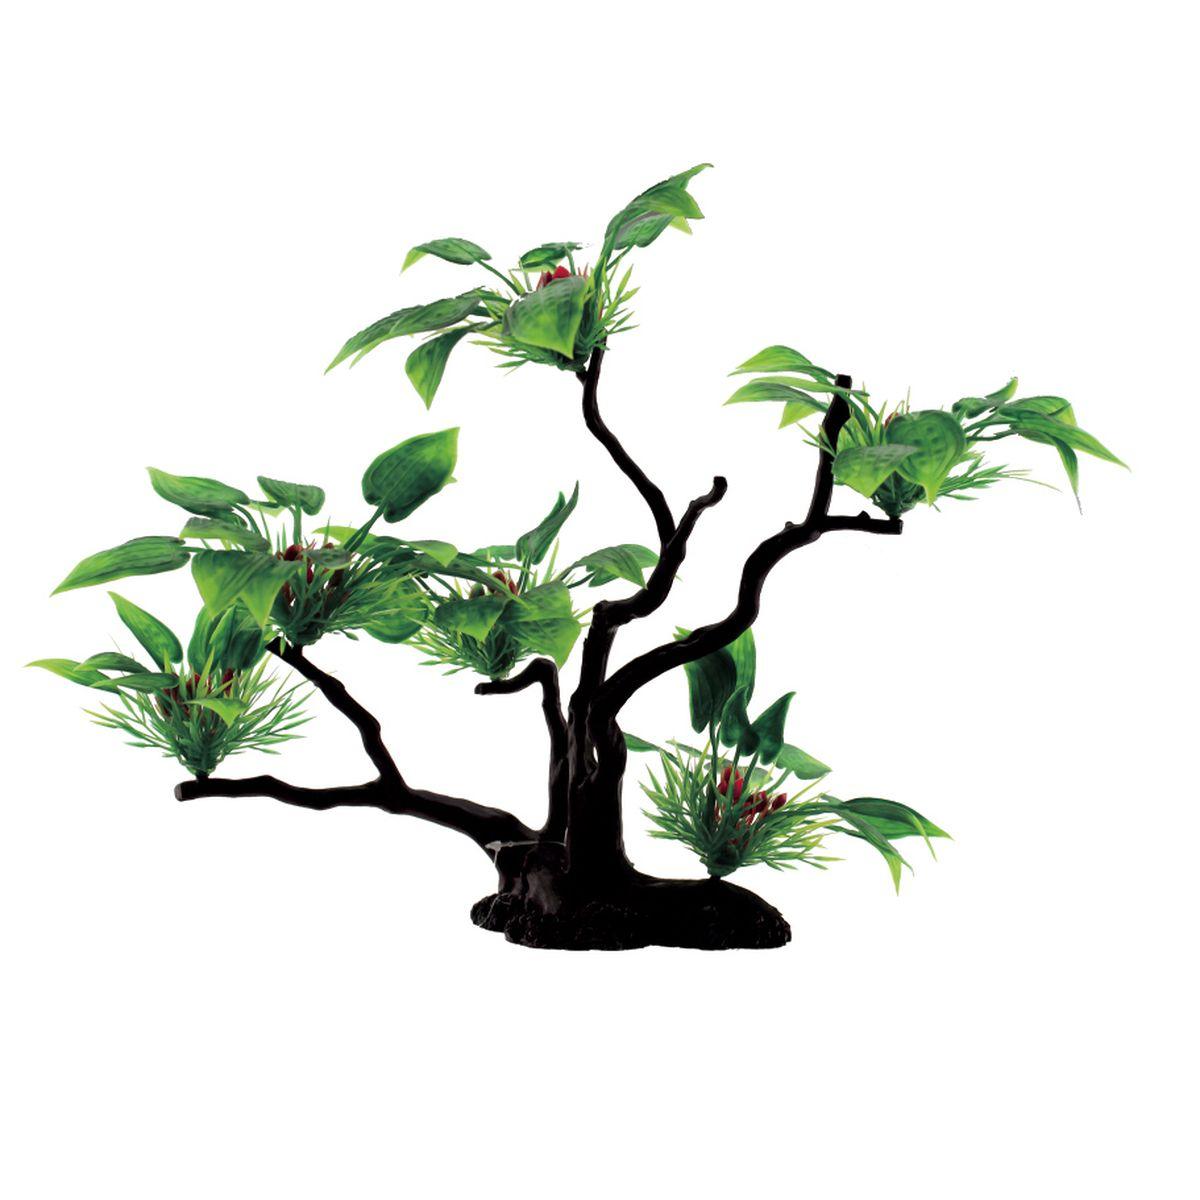 Композиция из растений для аквариума ArtUniq Буцефаландра широколистная, 32 x 12 x 32 см0120710Композиция из искусственных растений ArtUniq превосходно украсит и оживит аквариум.Растения - это важная часть любой композиции, они помогут вдохнуть жизнь в ландшафт любого аквариума или террариума.Композиция является точной копией природного растения.